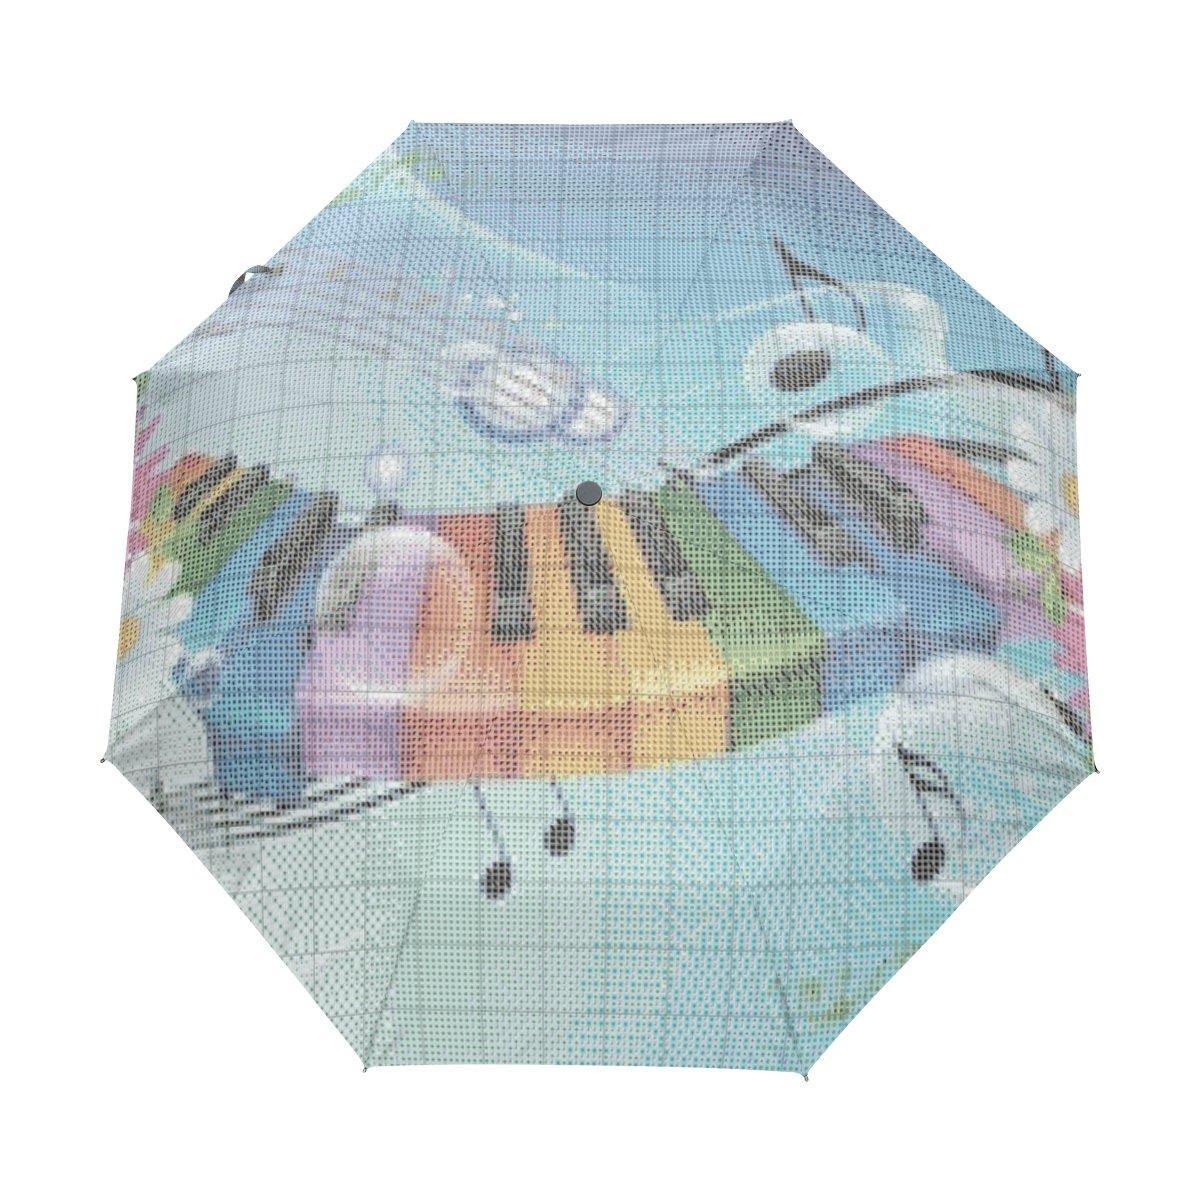 lavovo音楽花傘ダブルキャノピー自動オープンand Close折りたたみ式旅行雨傘   B073TSVQD7